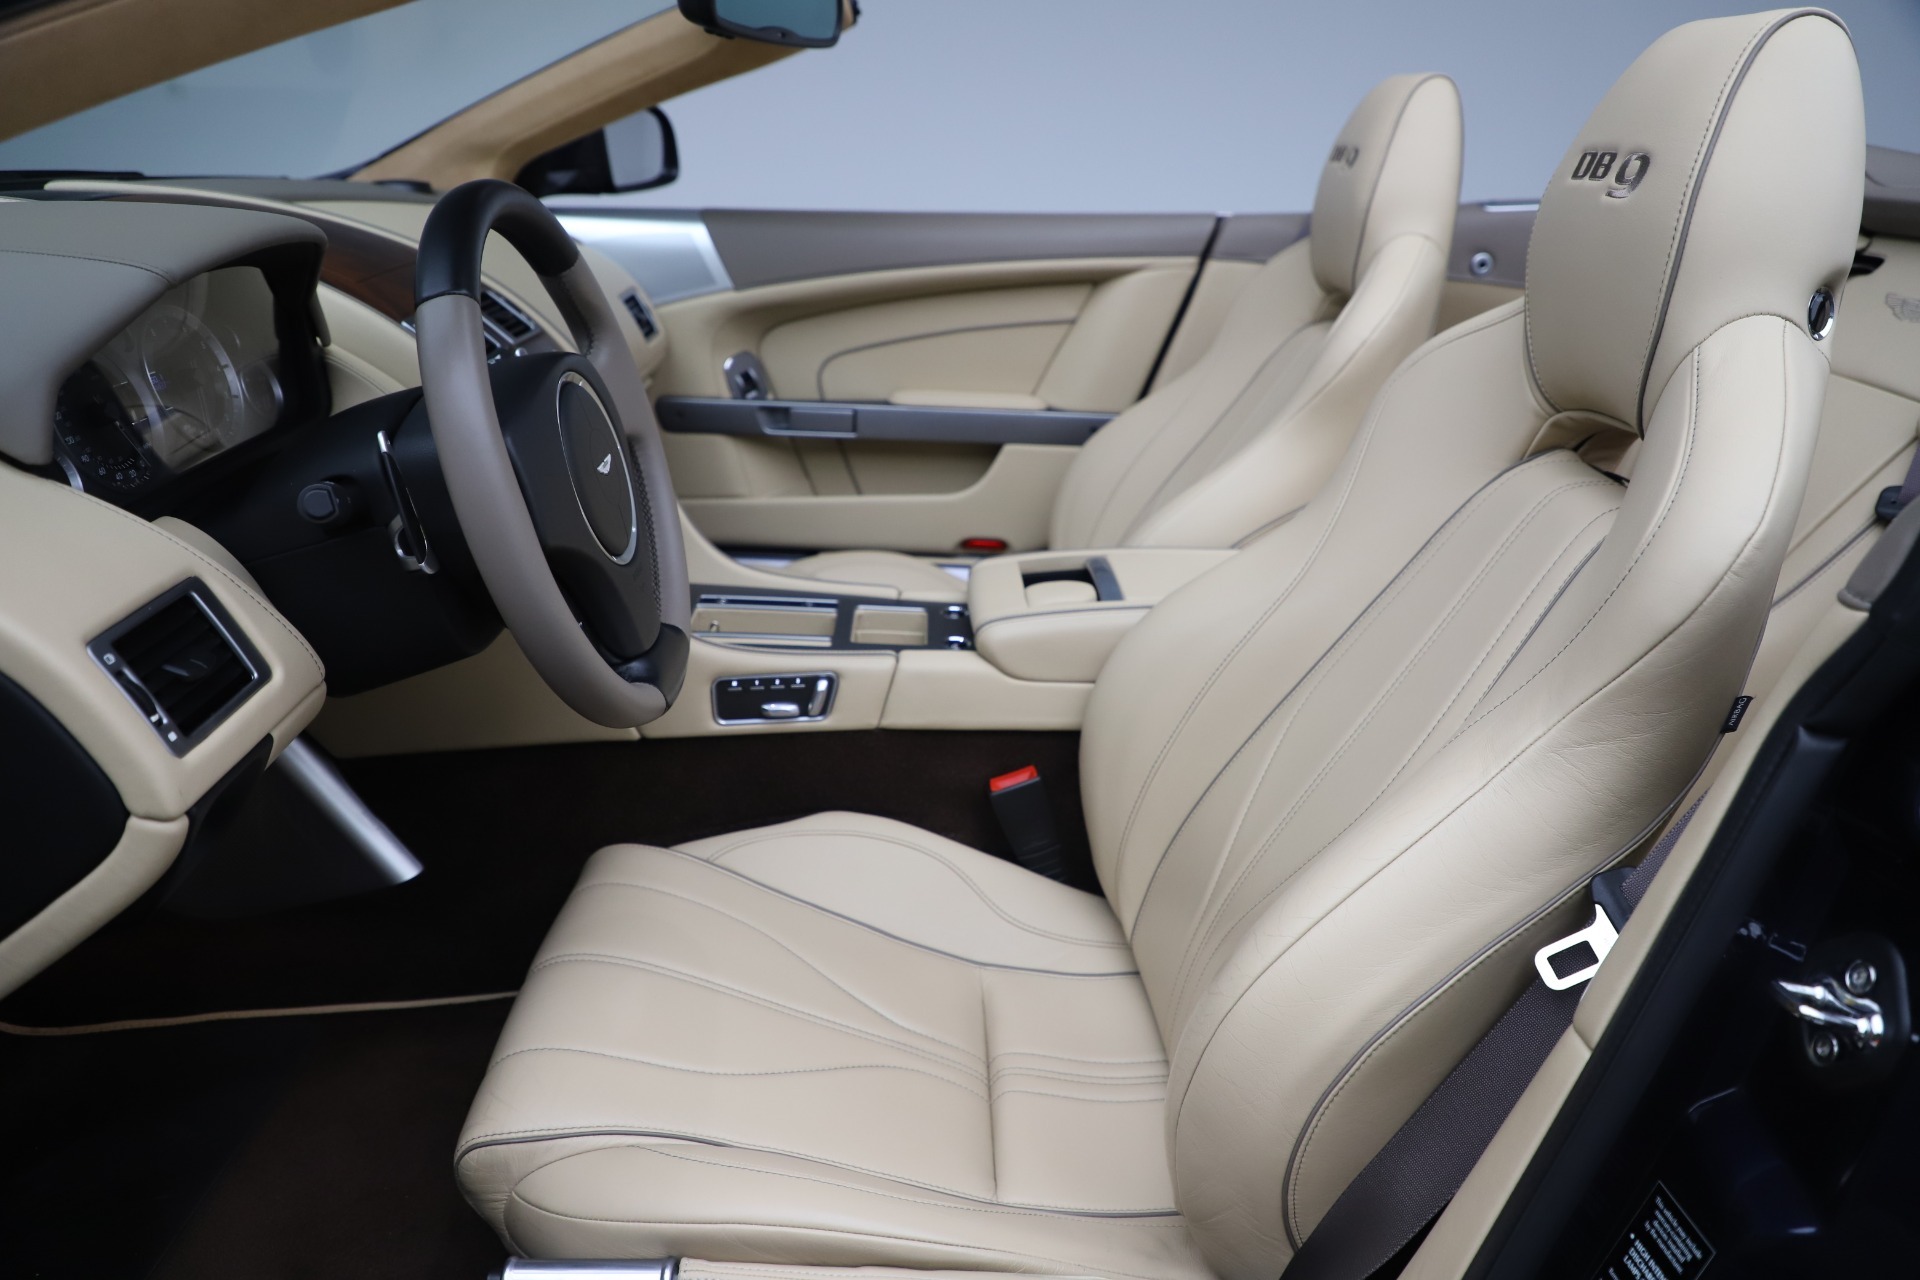 Used 2014 Aston Martin DB9 Volante For Sale In Greenwich, CT 3591_p20